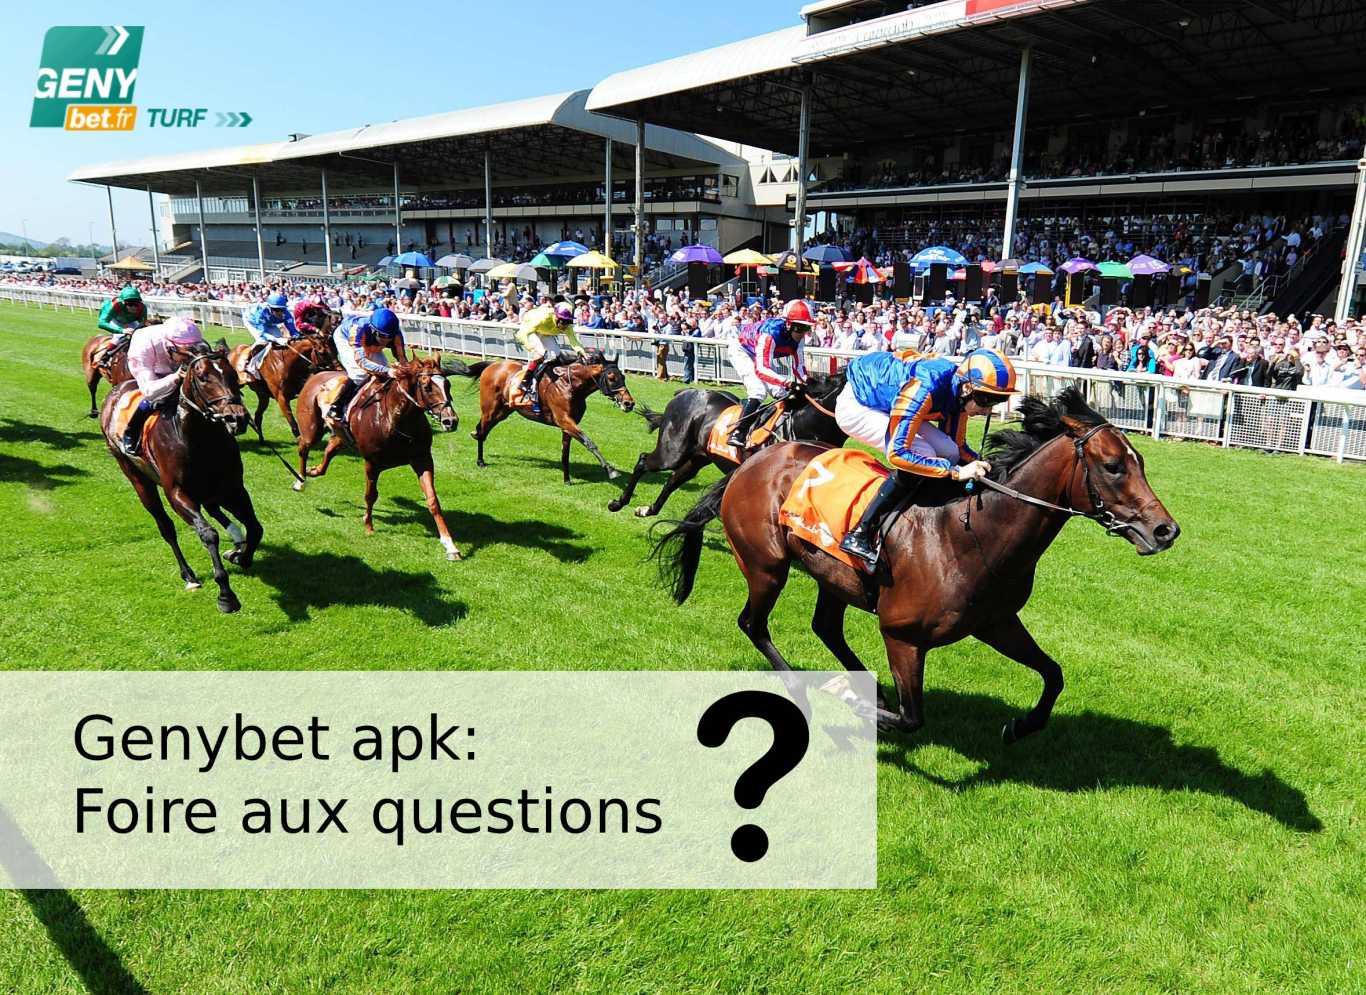 Genybet apk: Foire aux questions